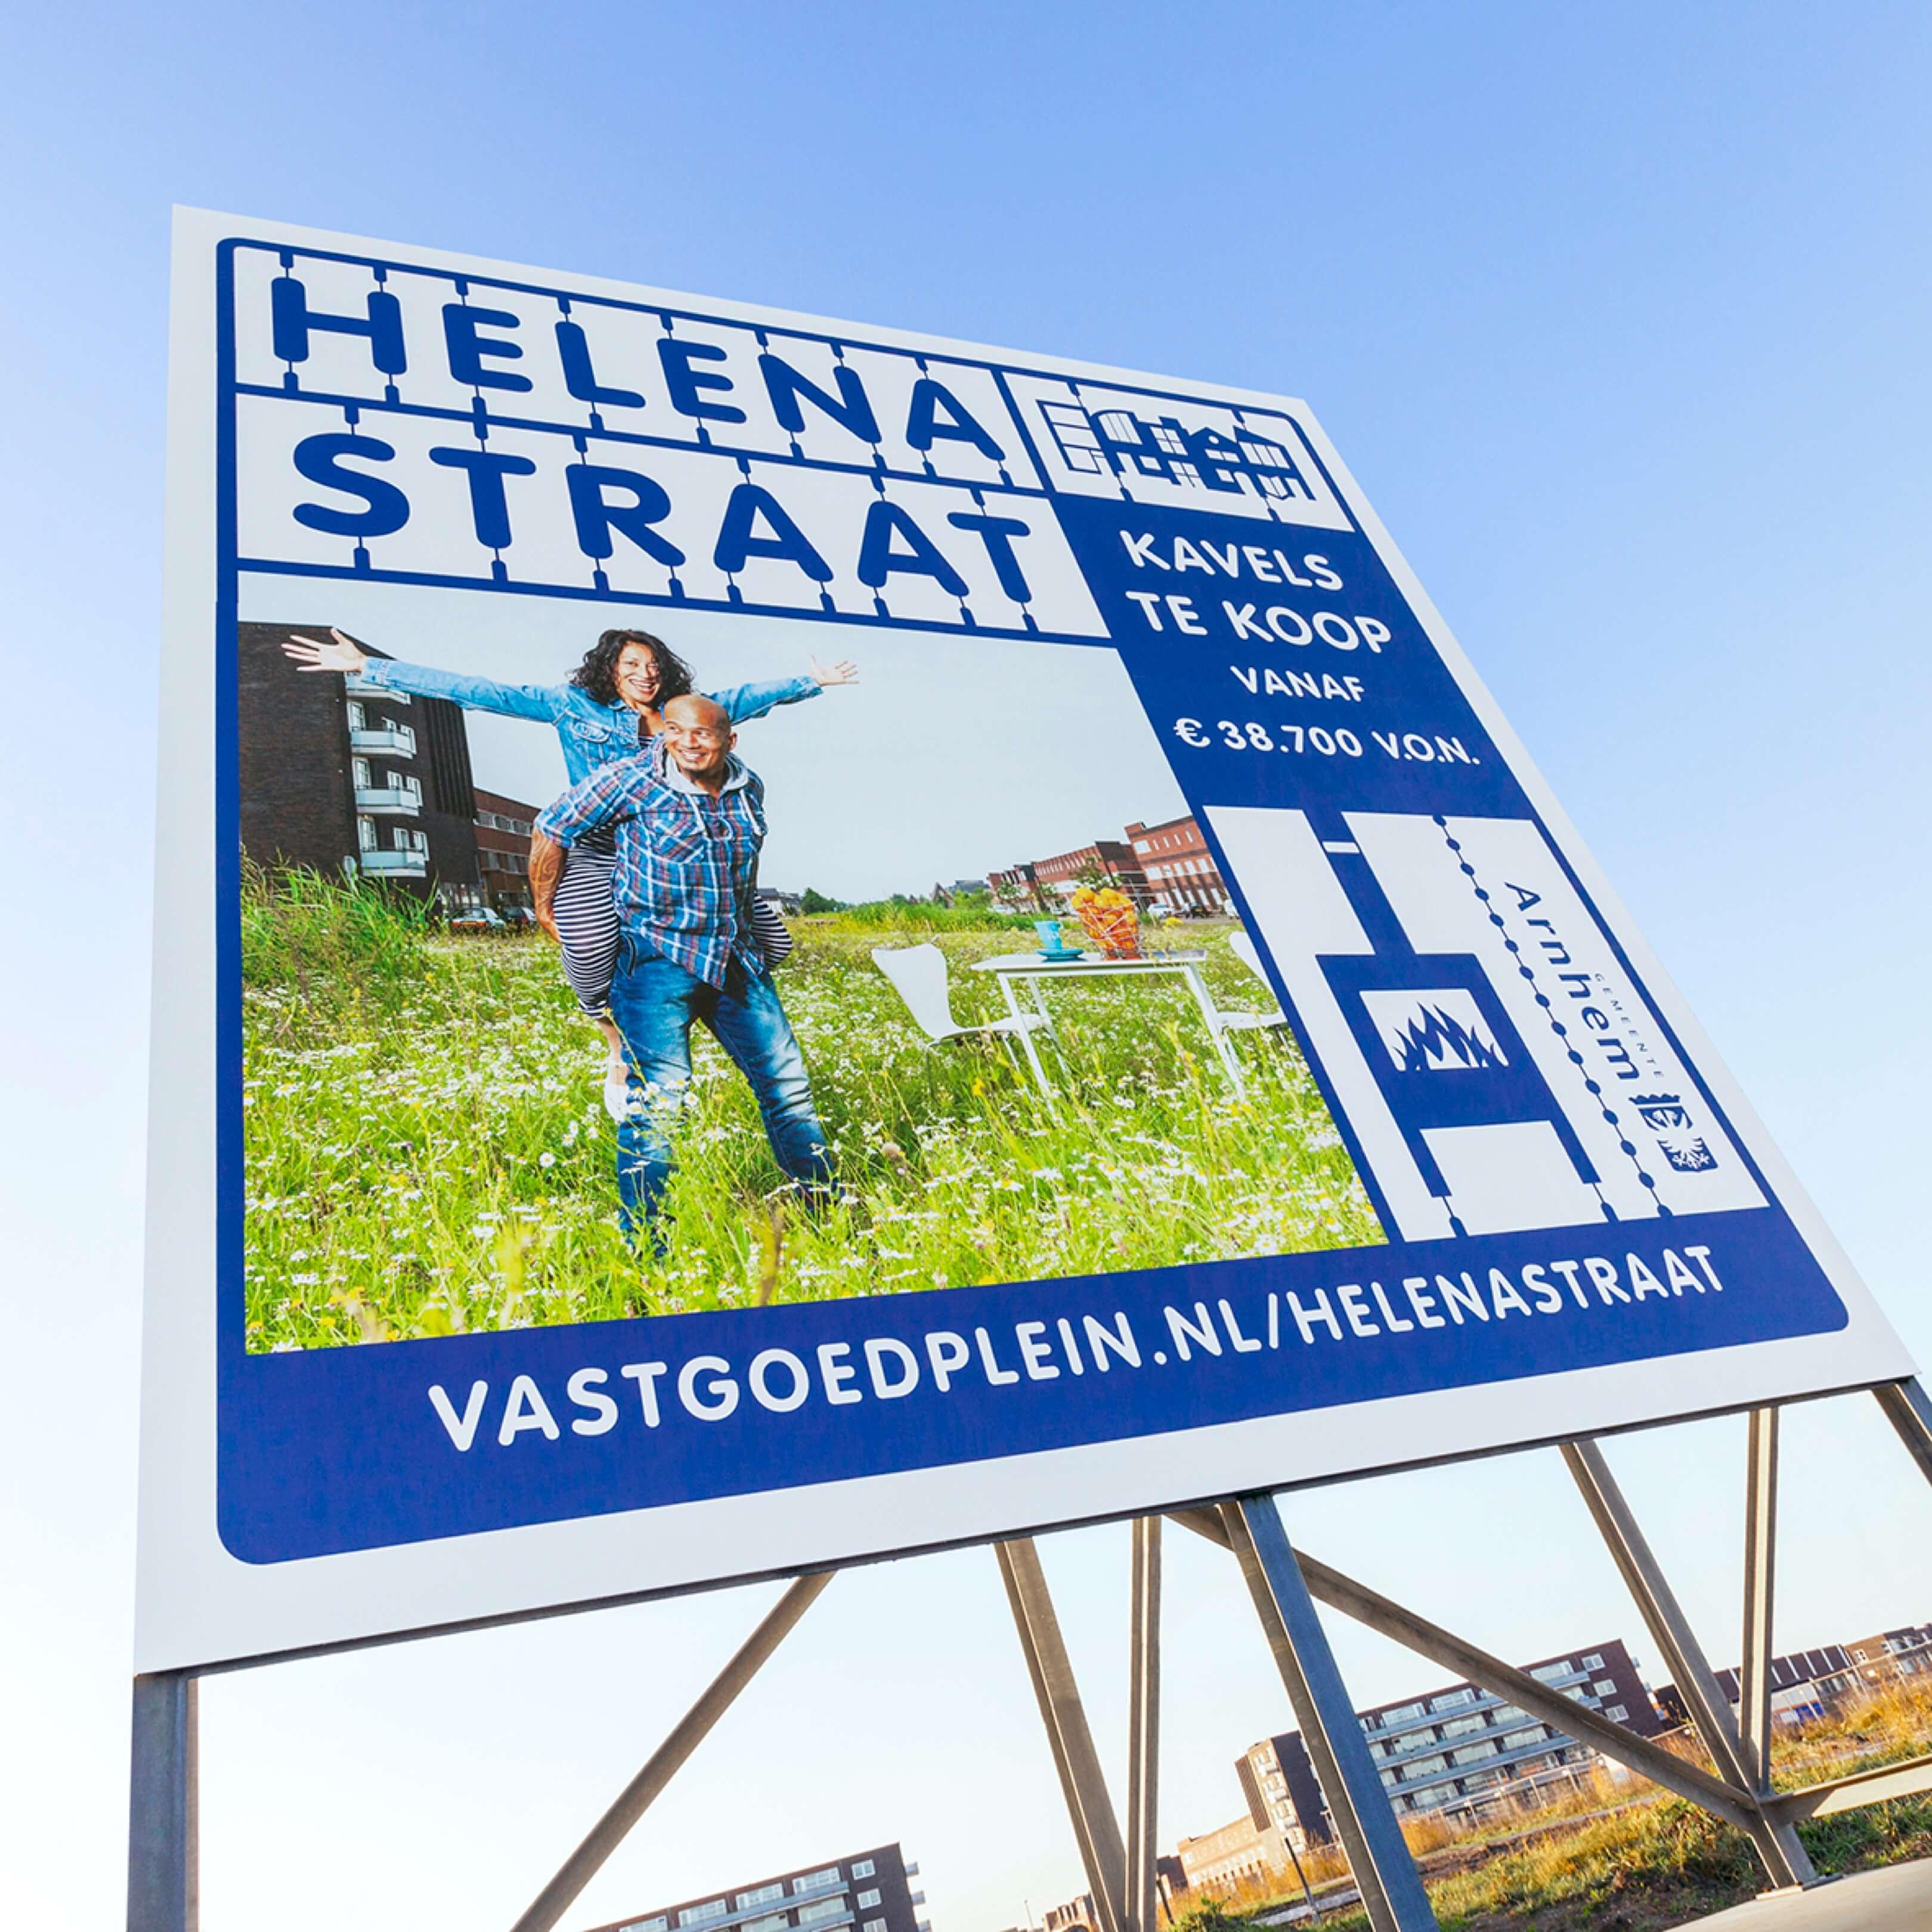 Jurjen Poeles Fotografie billboard Helenastraat gemeente Arnhem Vastgoedplein Schuytgraaf vastgoed vastgoedproject lifestyle grootformaat